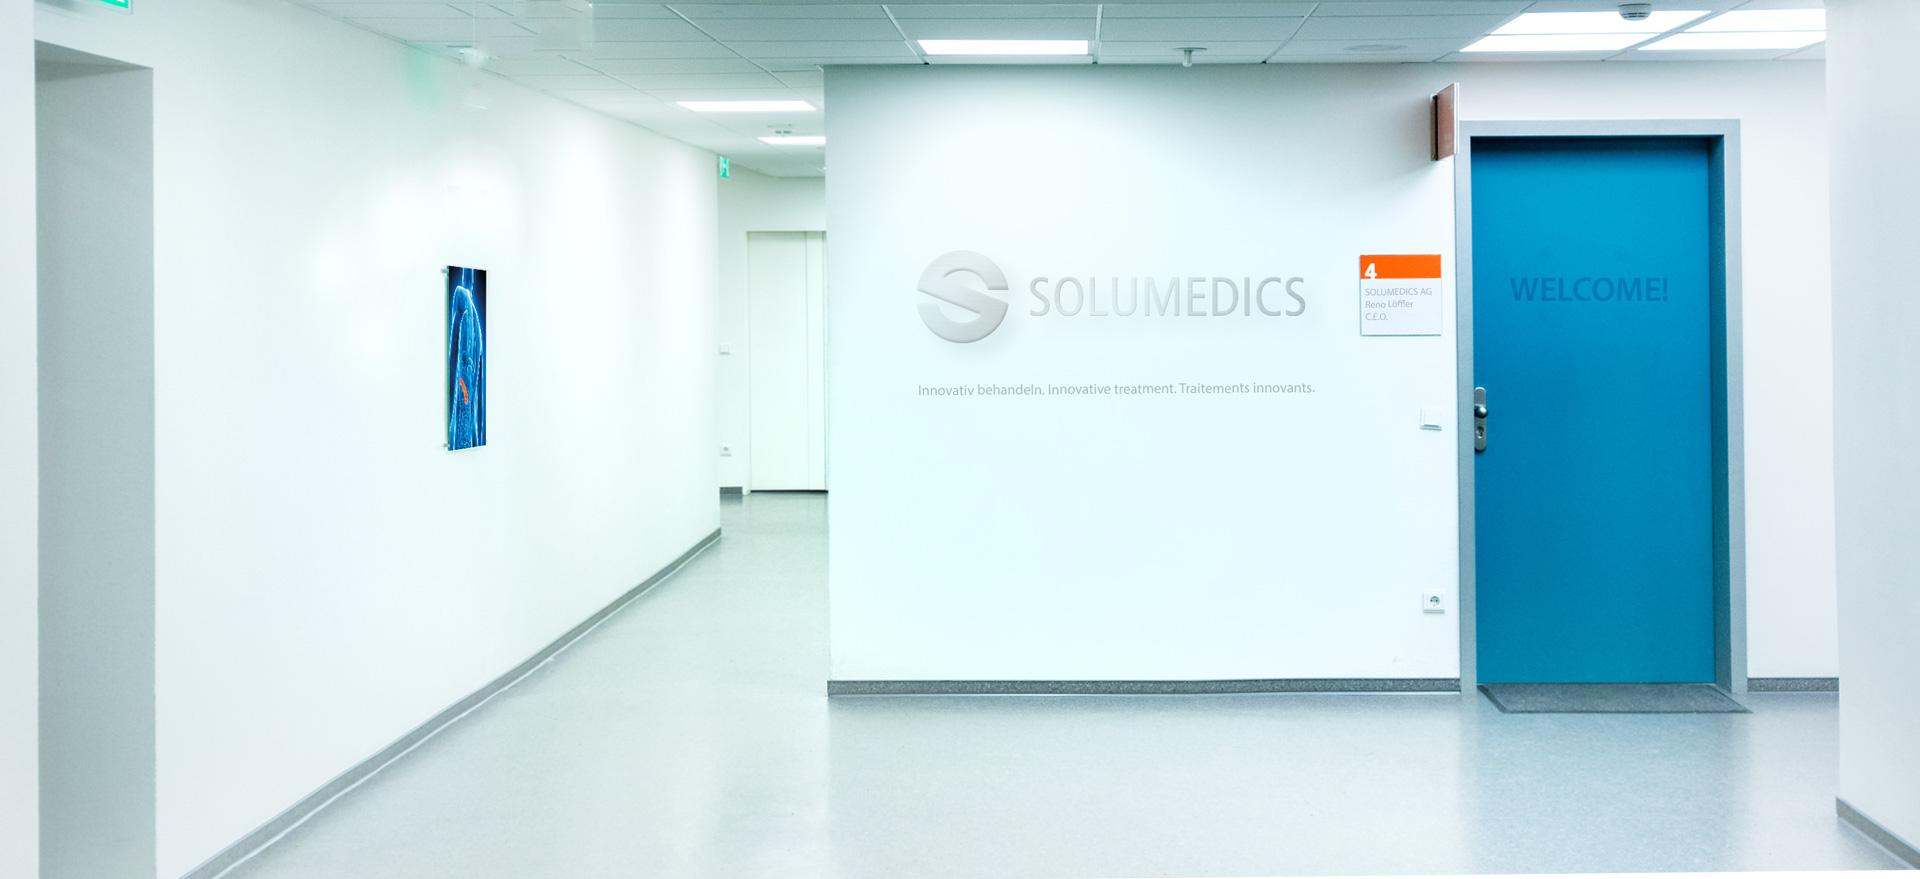 Solumedics AG